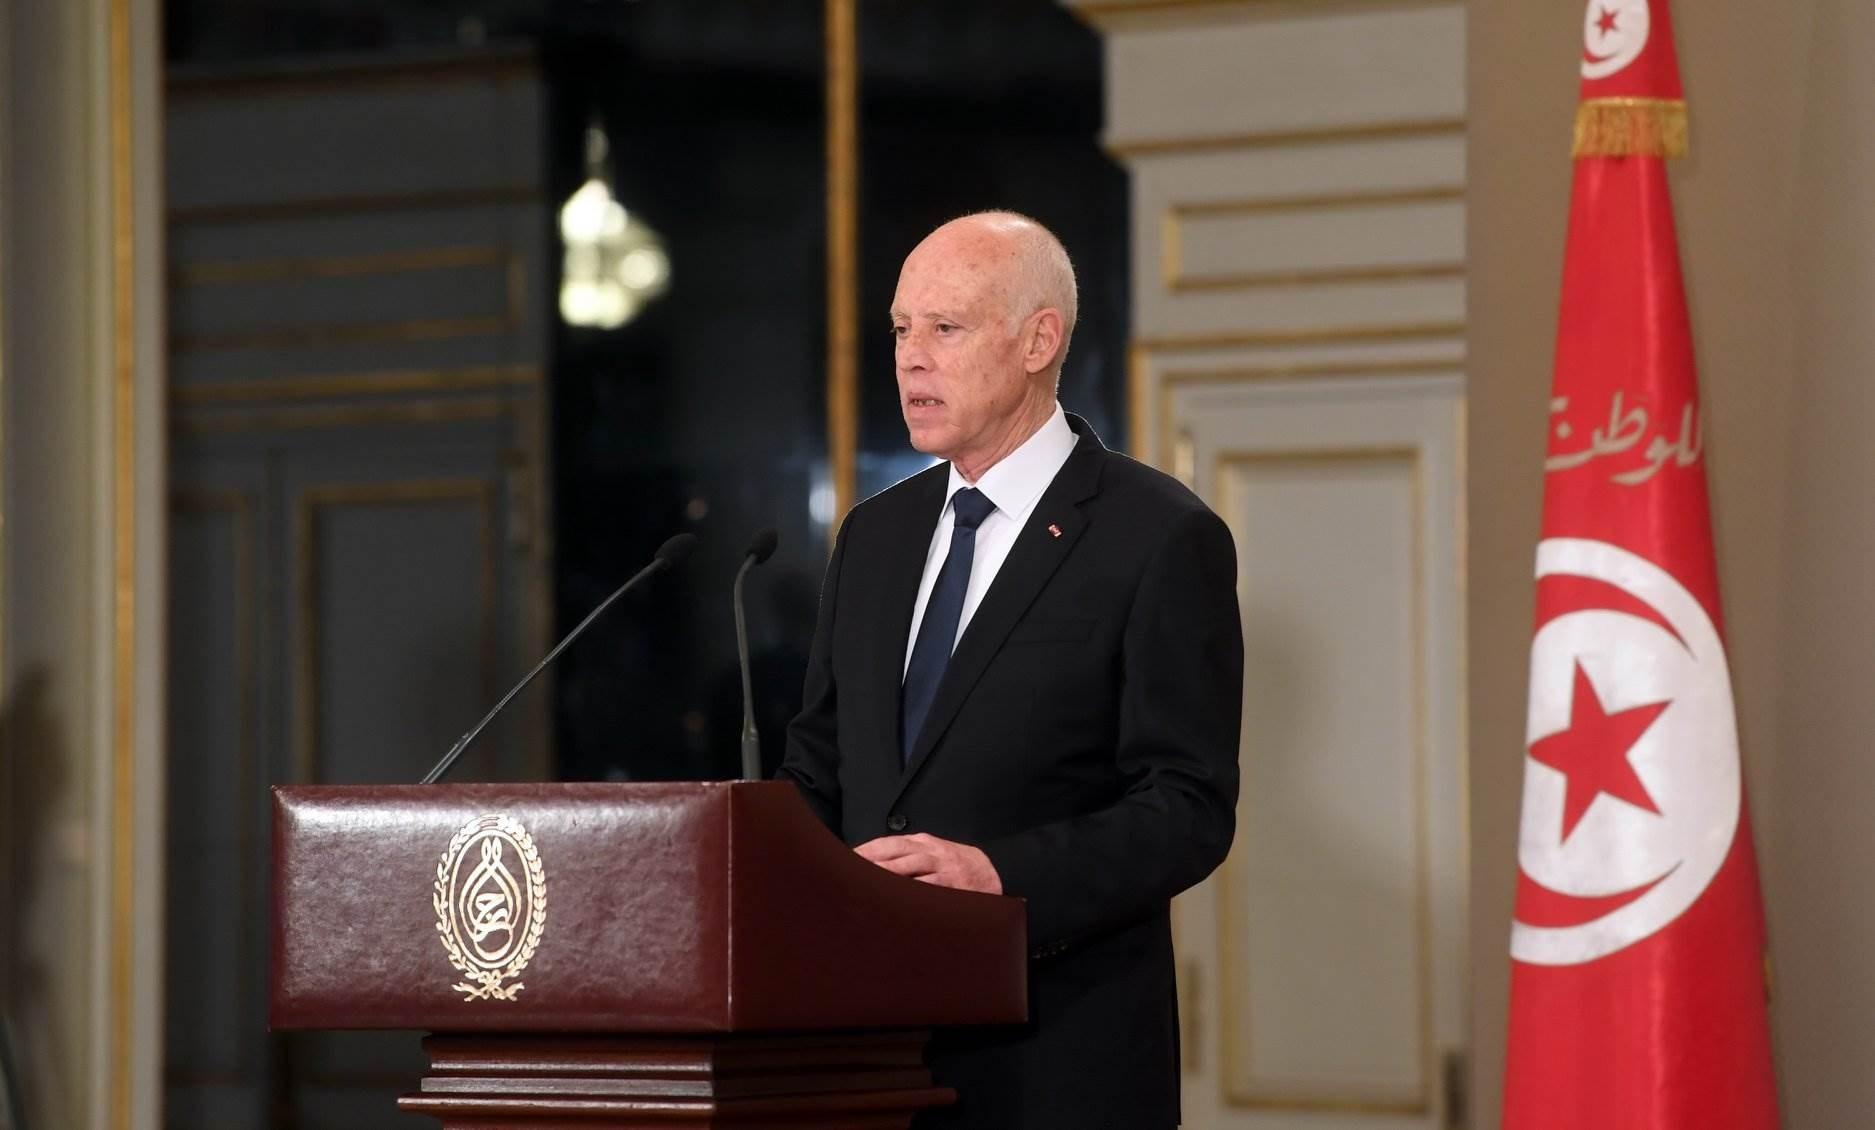 سعيّد في اختتام الدورة الـ38 لرؤساء البعثات الدبلوماسيّة والبعثات الدائمة والقنصليّة في تونس